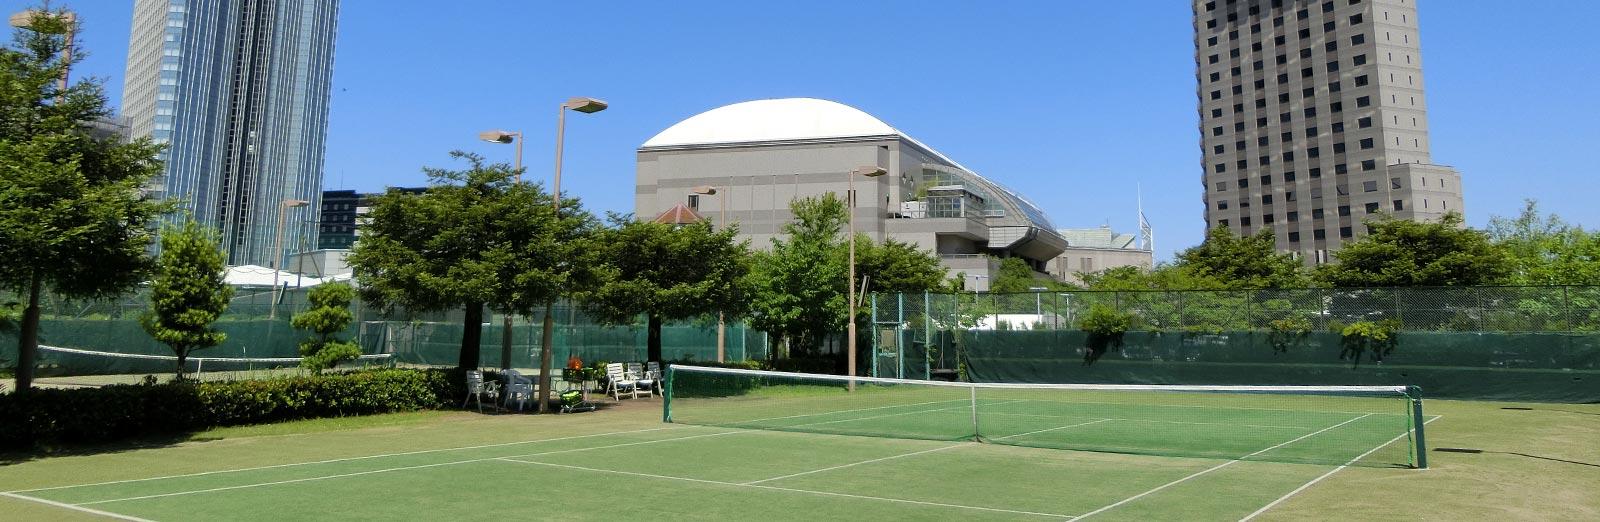 Ken'sテニスパークホテルニューオータニ幕張校